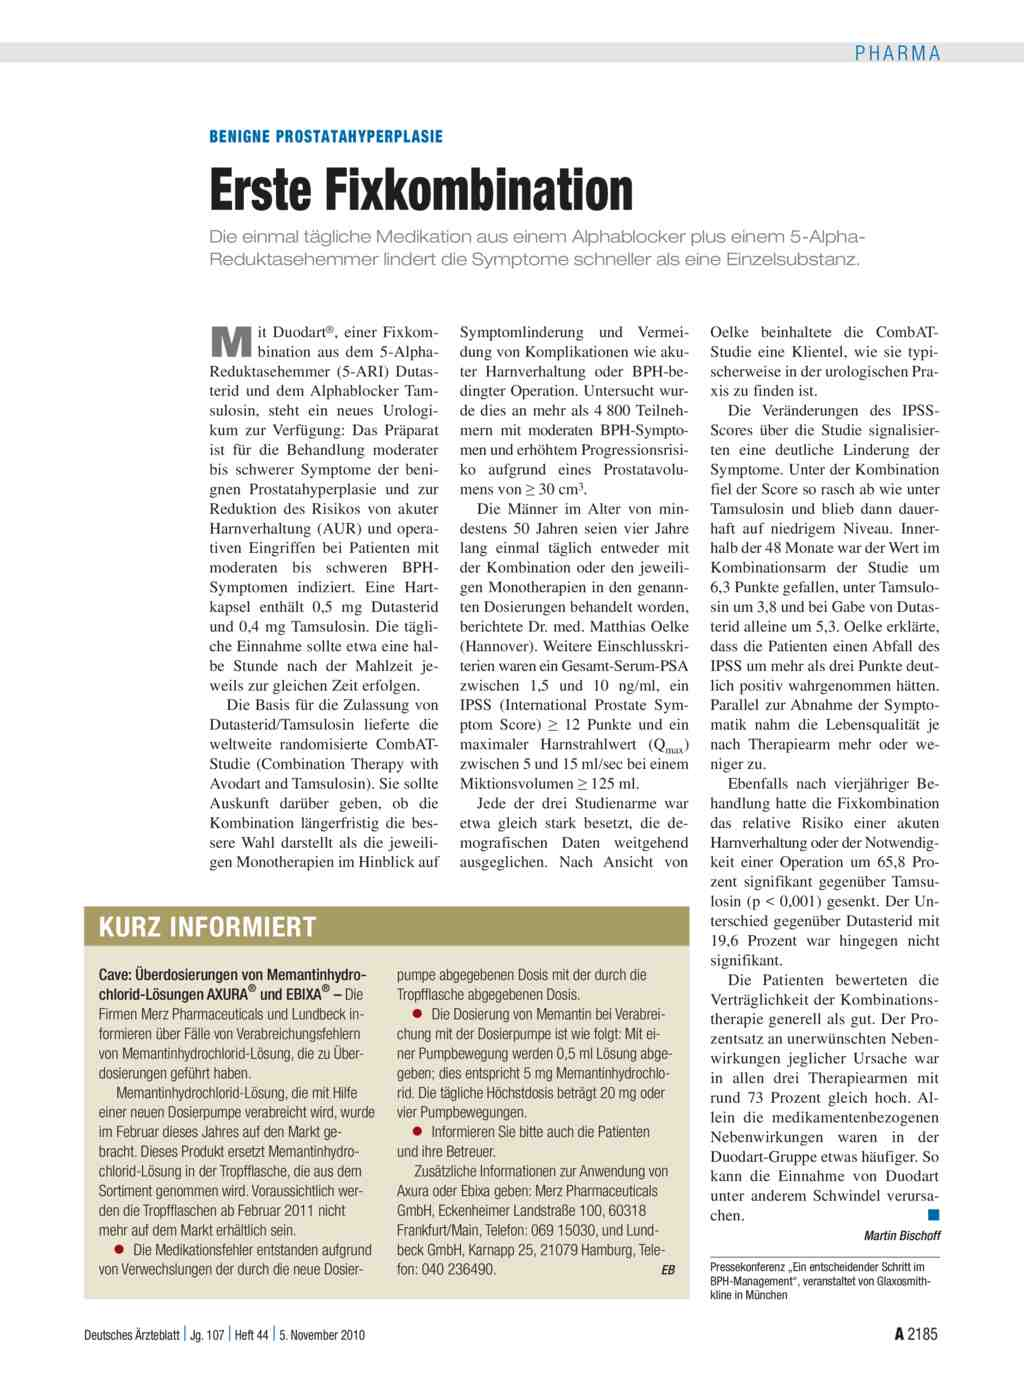 Benigne Prostatahyperplasie Erste Fixkombination